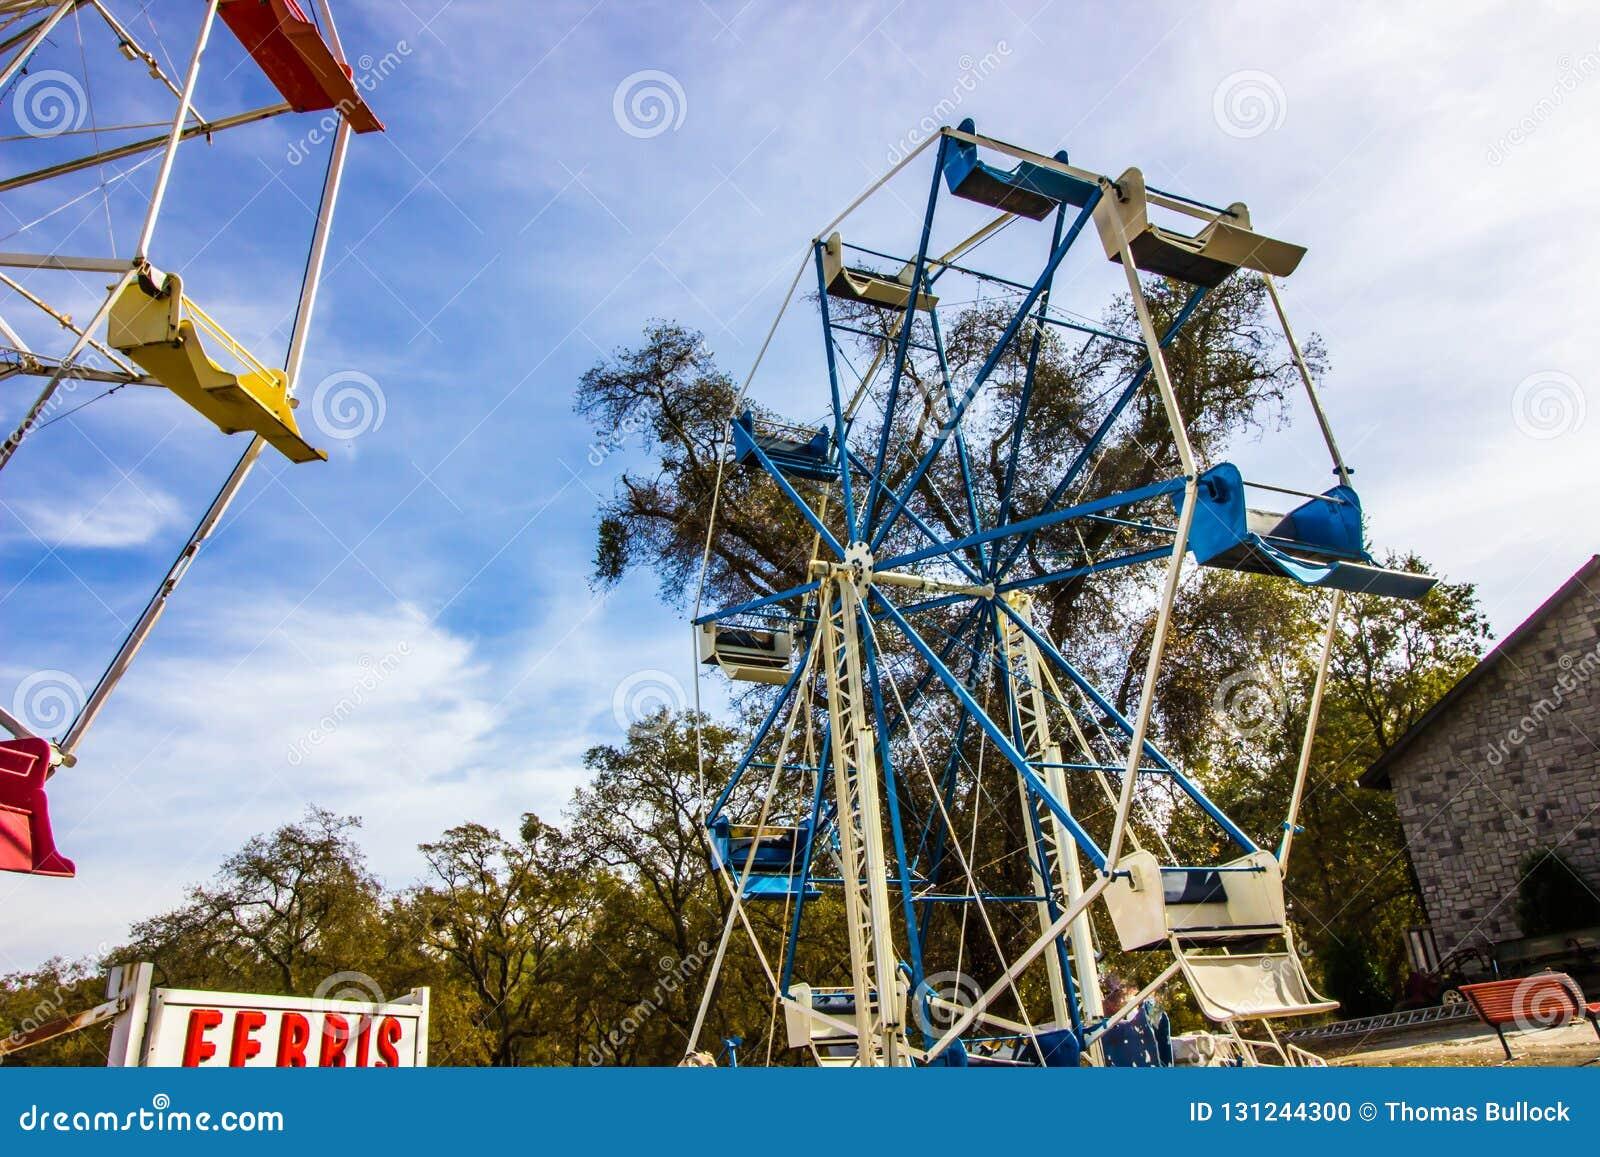 Ferris Wheel In Disrepair & in Opslag